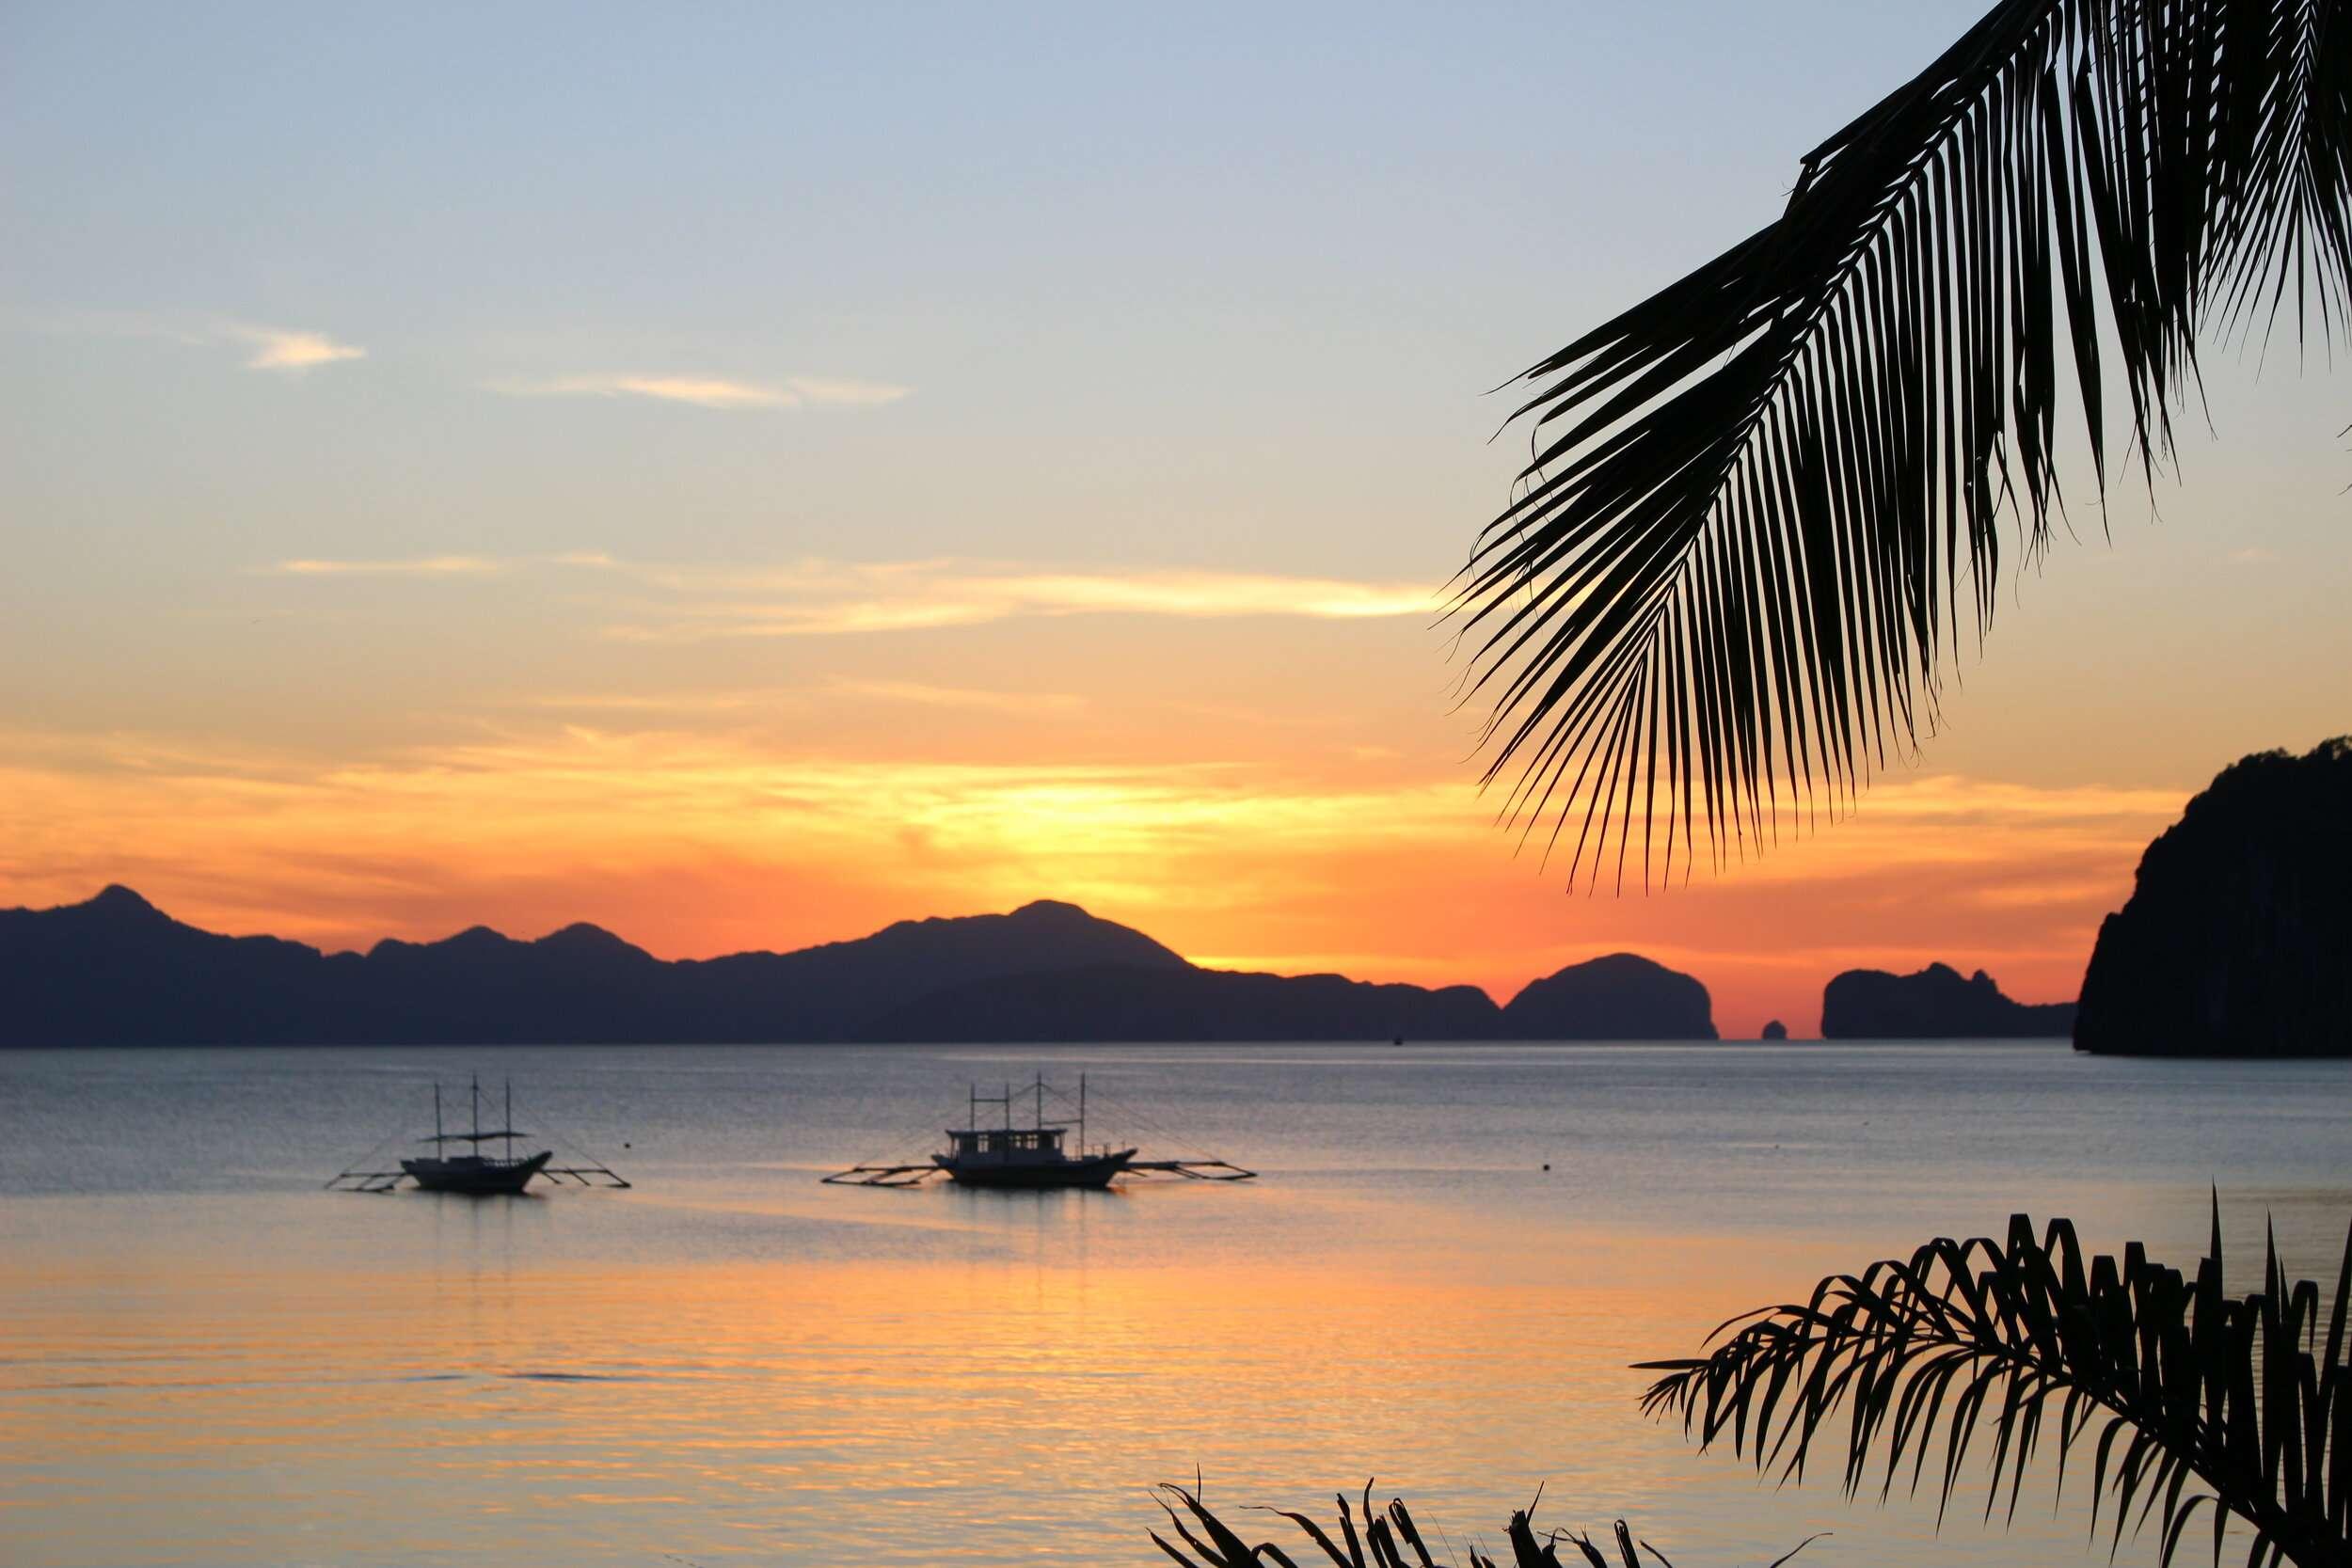 Frangipani El Nido Beach Sunset